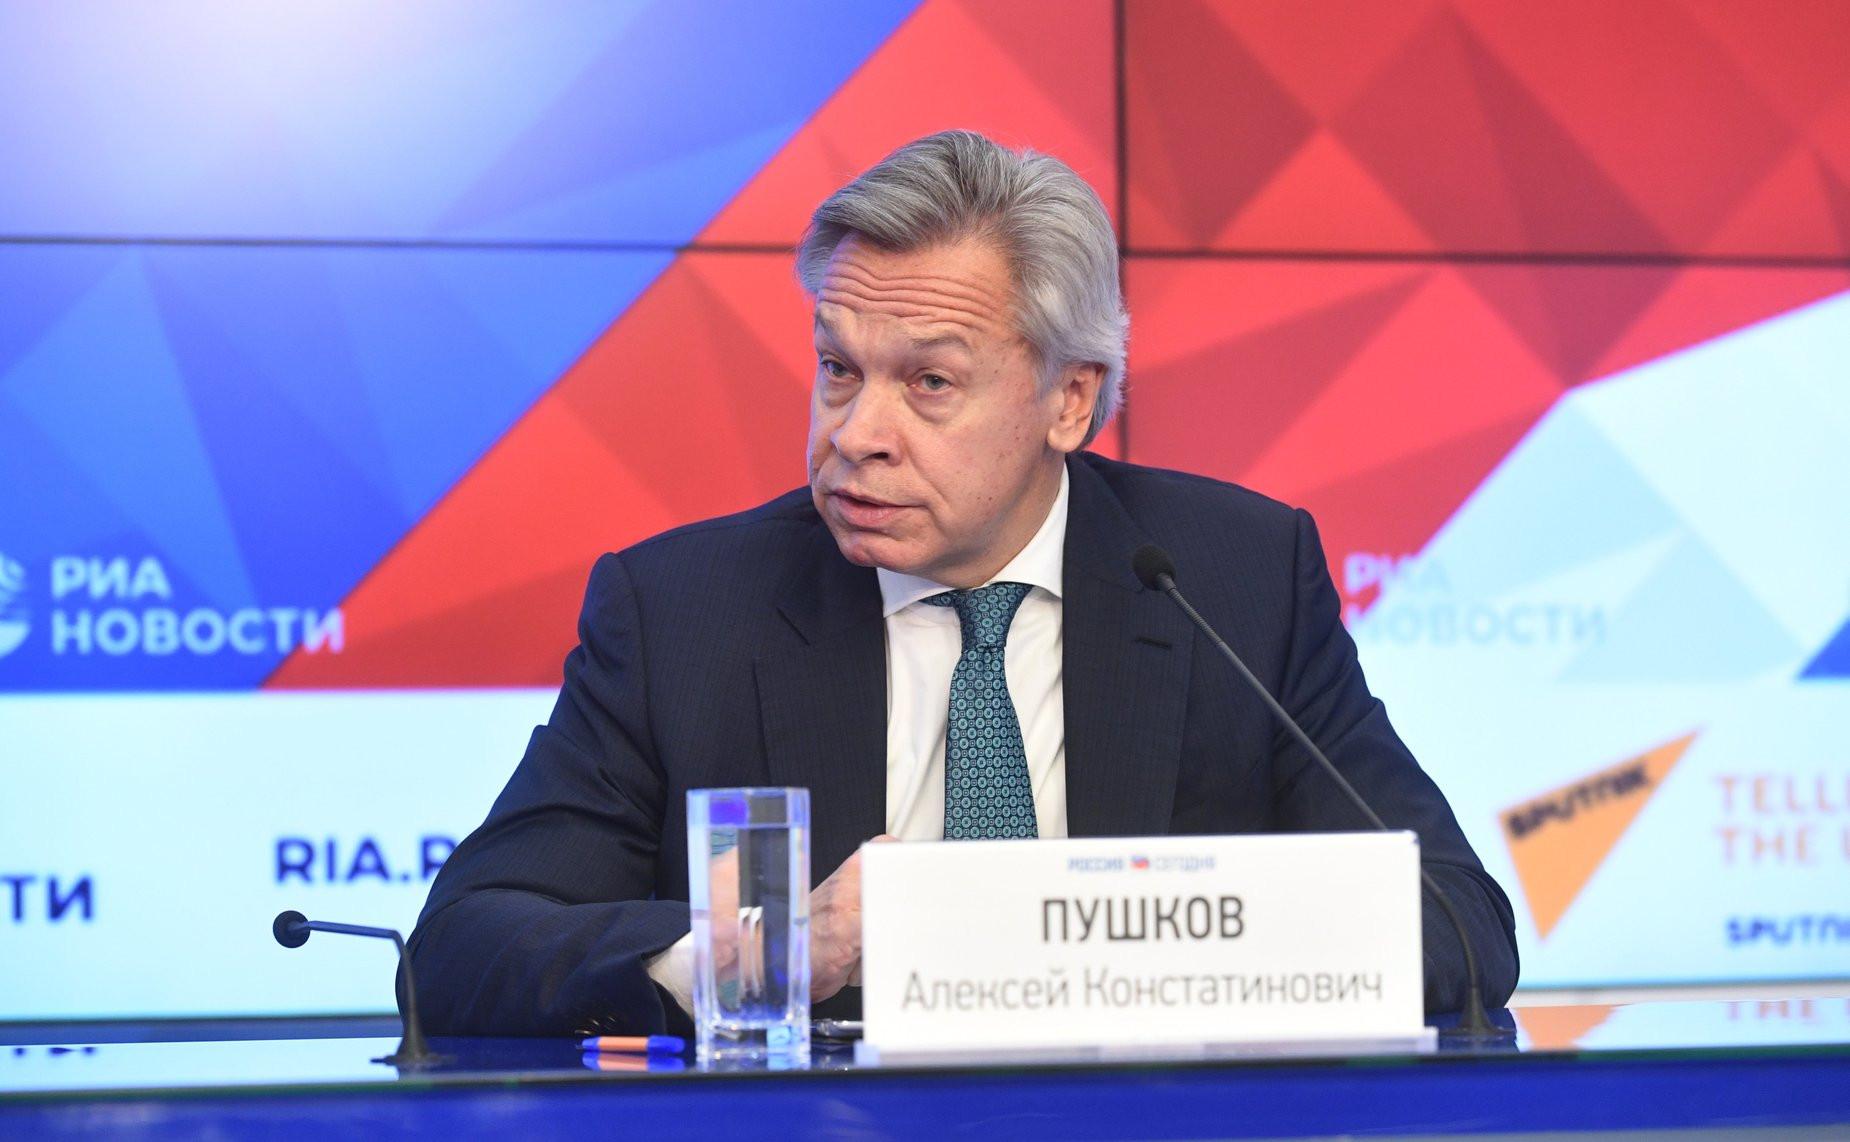 Пушков отреагировал на слова о «вкладе» украинцев в цивилизацию РФ